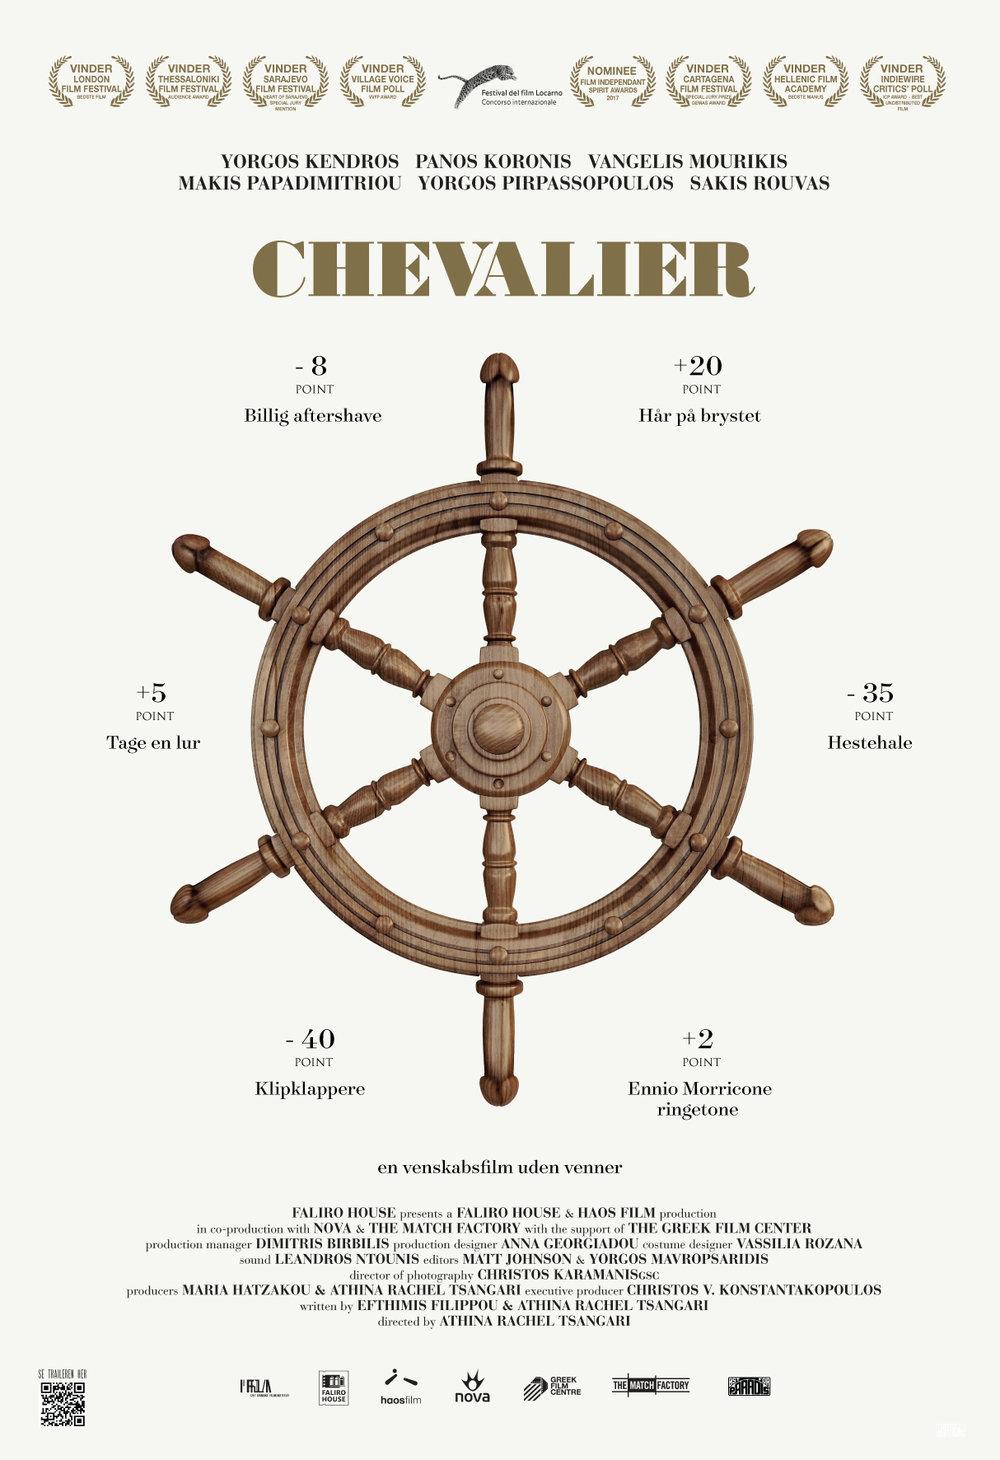 CHEVALIER_plakat_A4.jpg